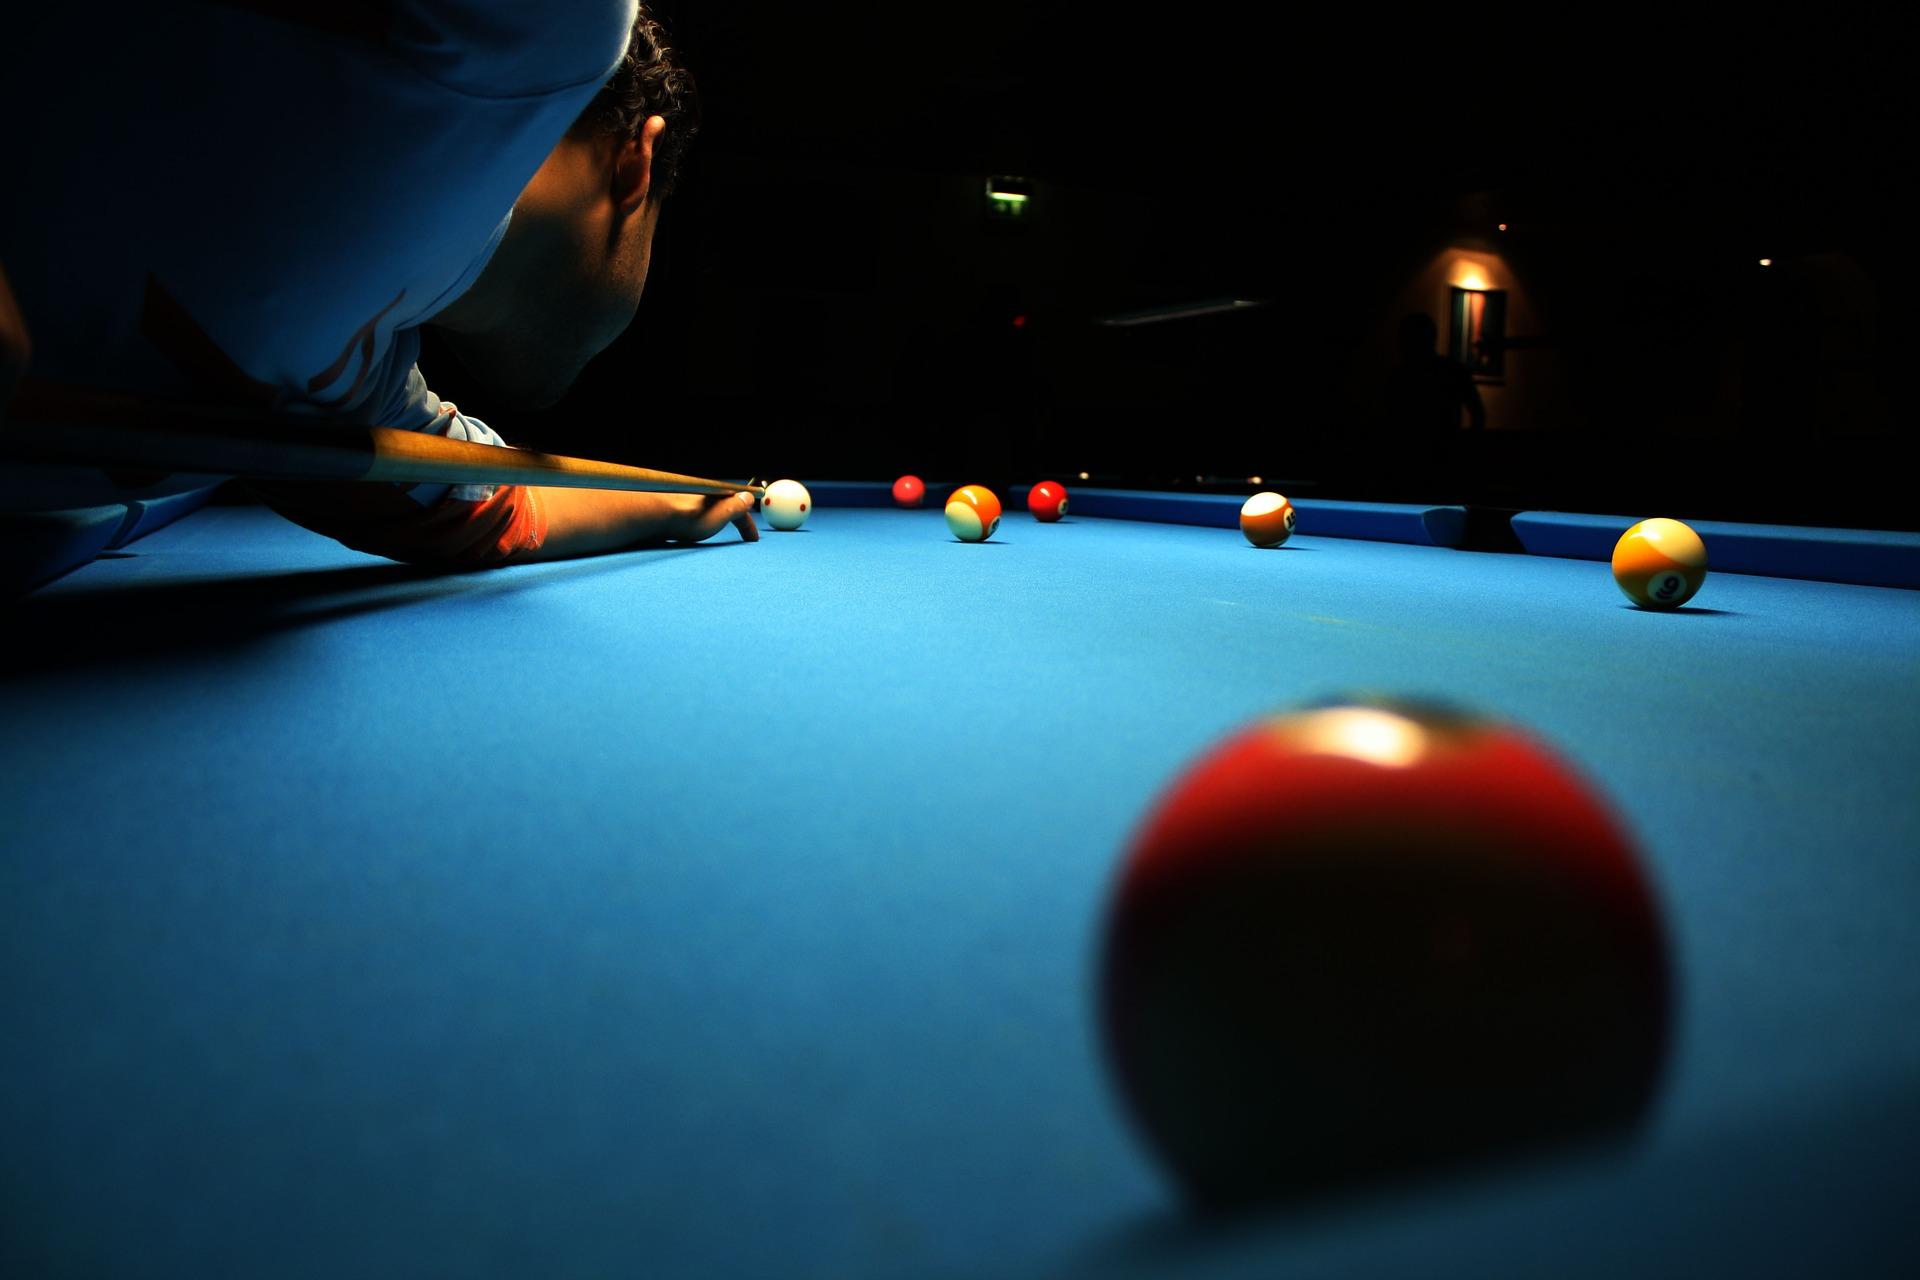 De juiste benodigdheden voor snookerbiljart op ieder niveau